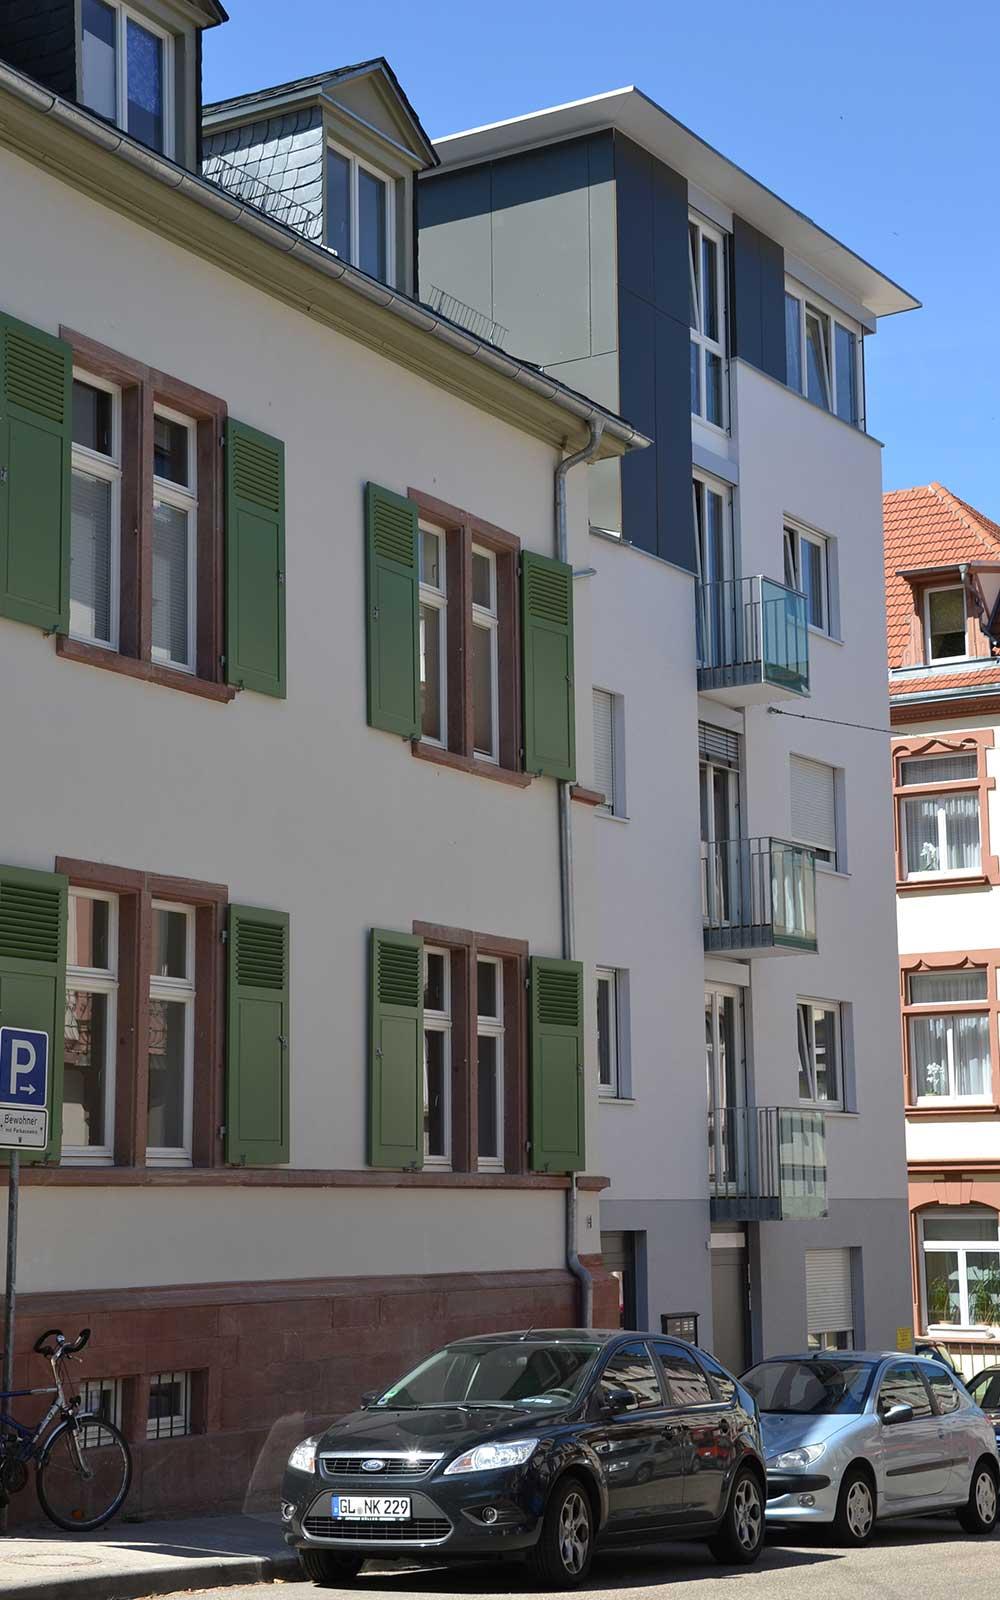 Mehrfamilienhaus in der Weststadt Heidelberg, Architekturbüro Kochhan und Weckbach